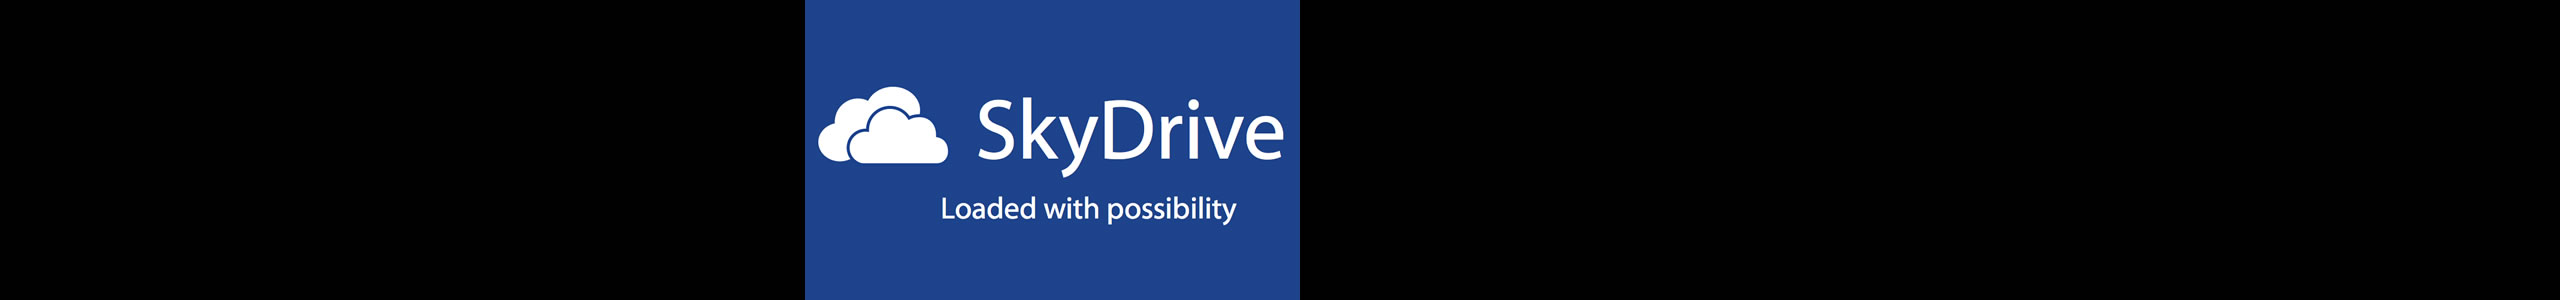 Webinar: SkyDrive